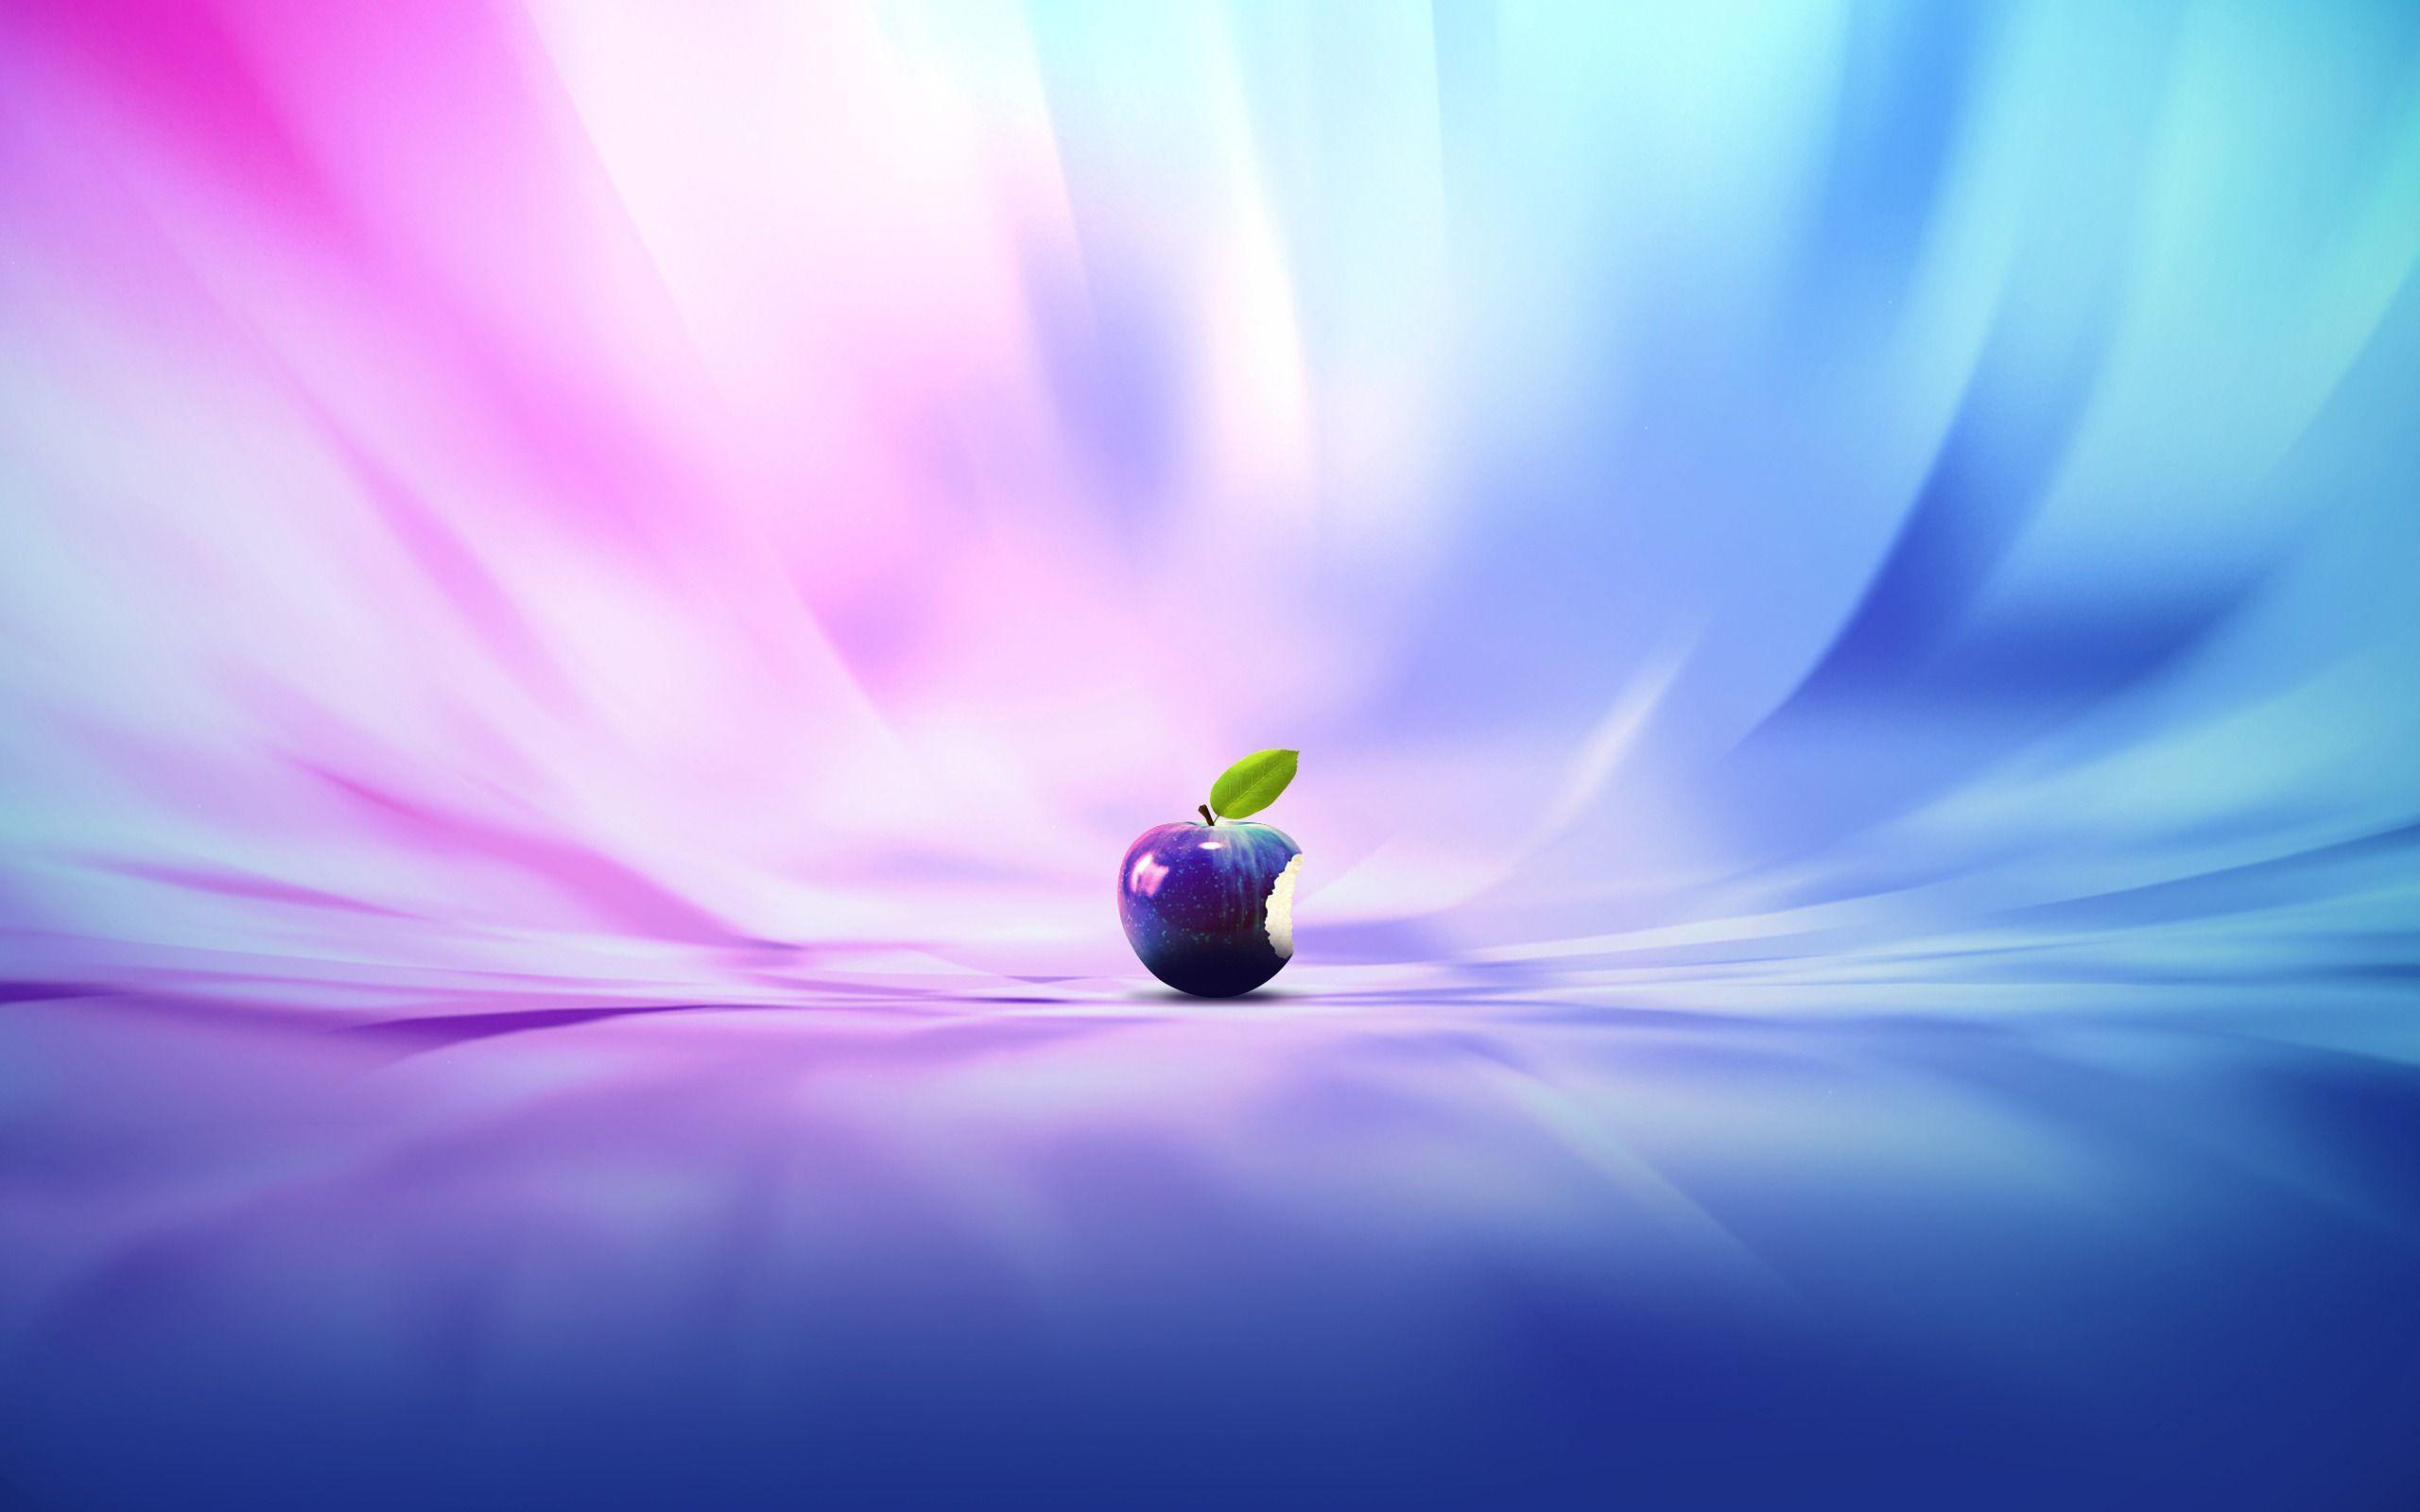 عکس زمینه سیب گاززده اپل رنگی برای مک بوک پس زمینه